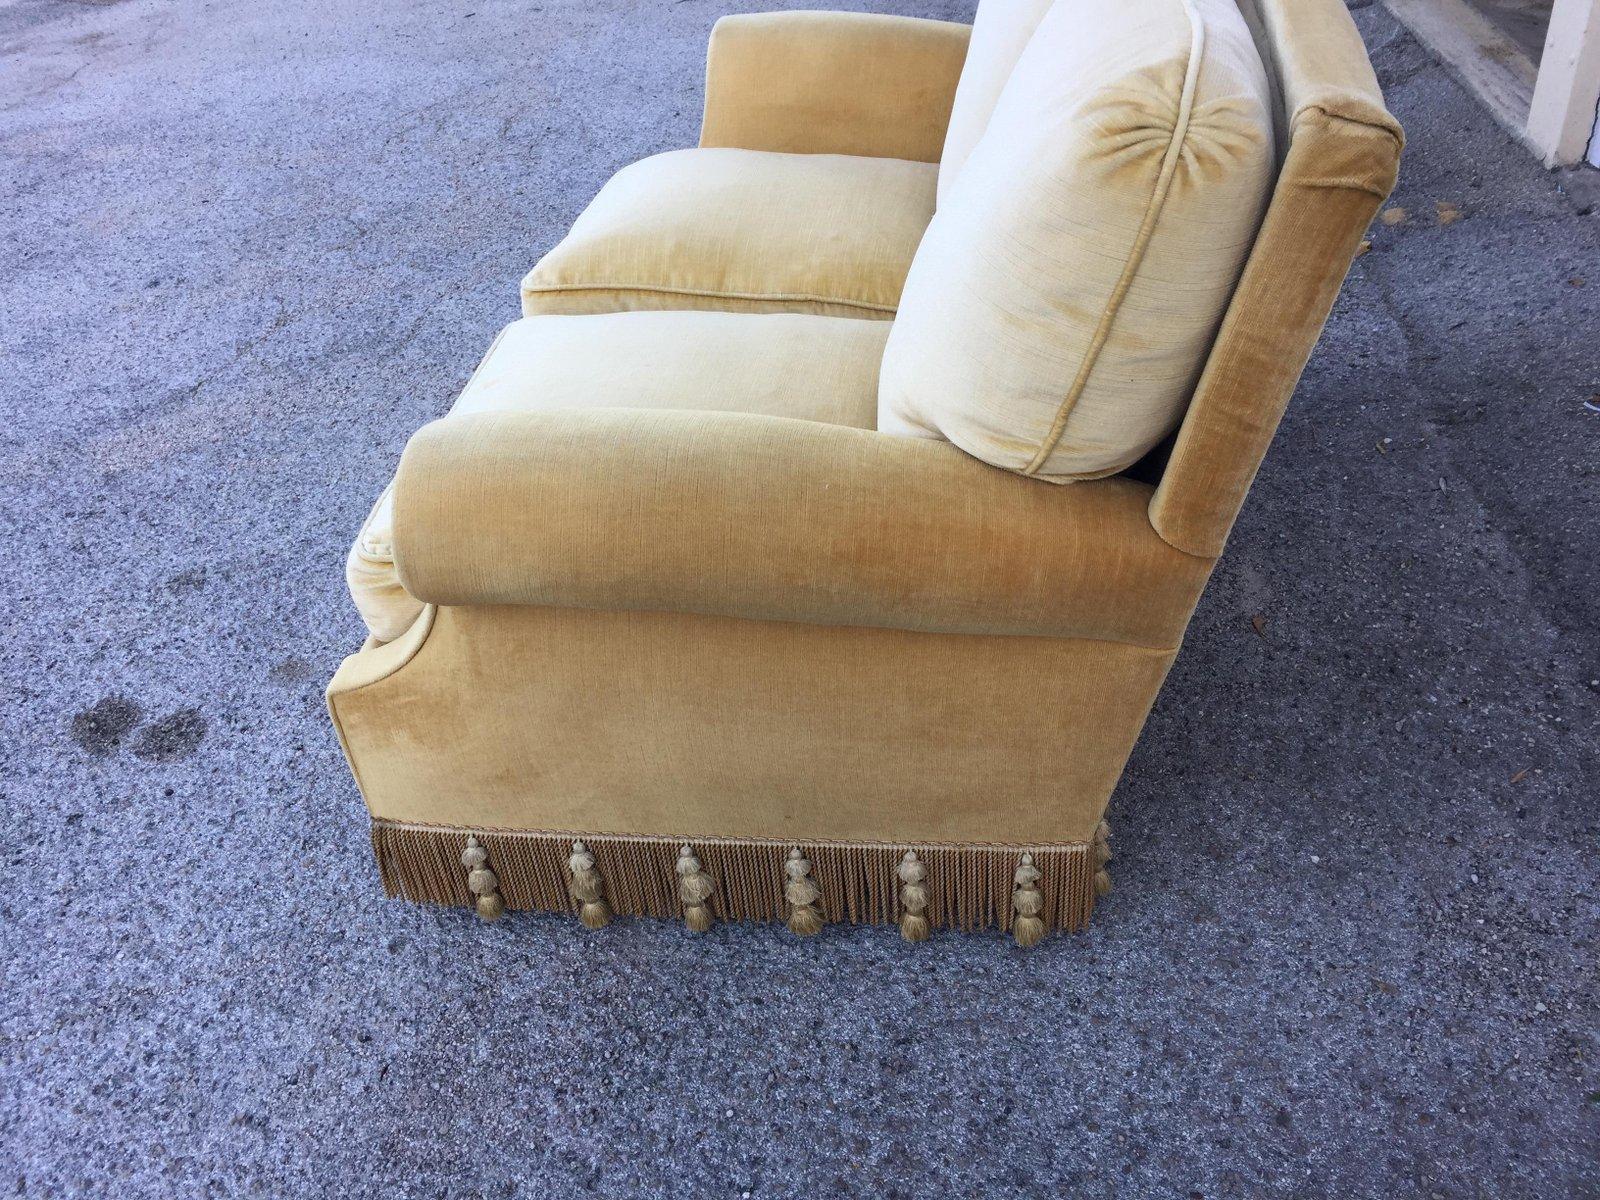 canap en velours beige clair 1968 en vente sur pamono. Black Bedroom Furniture Sets. Home Design Ideas